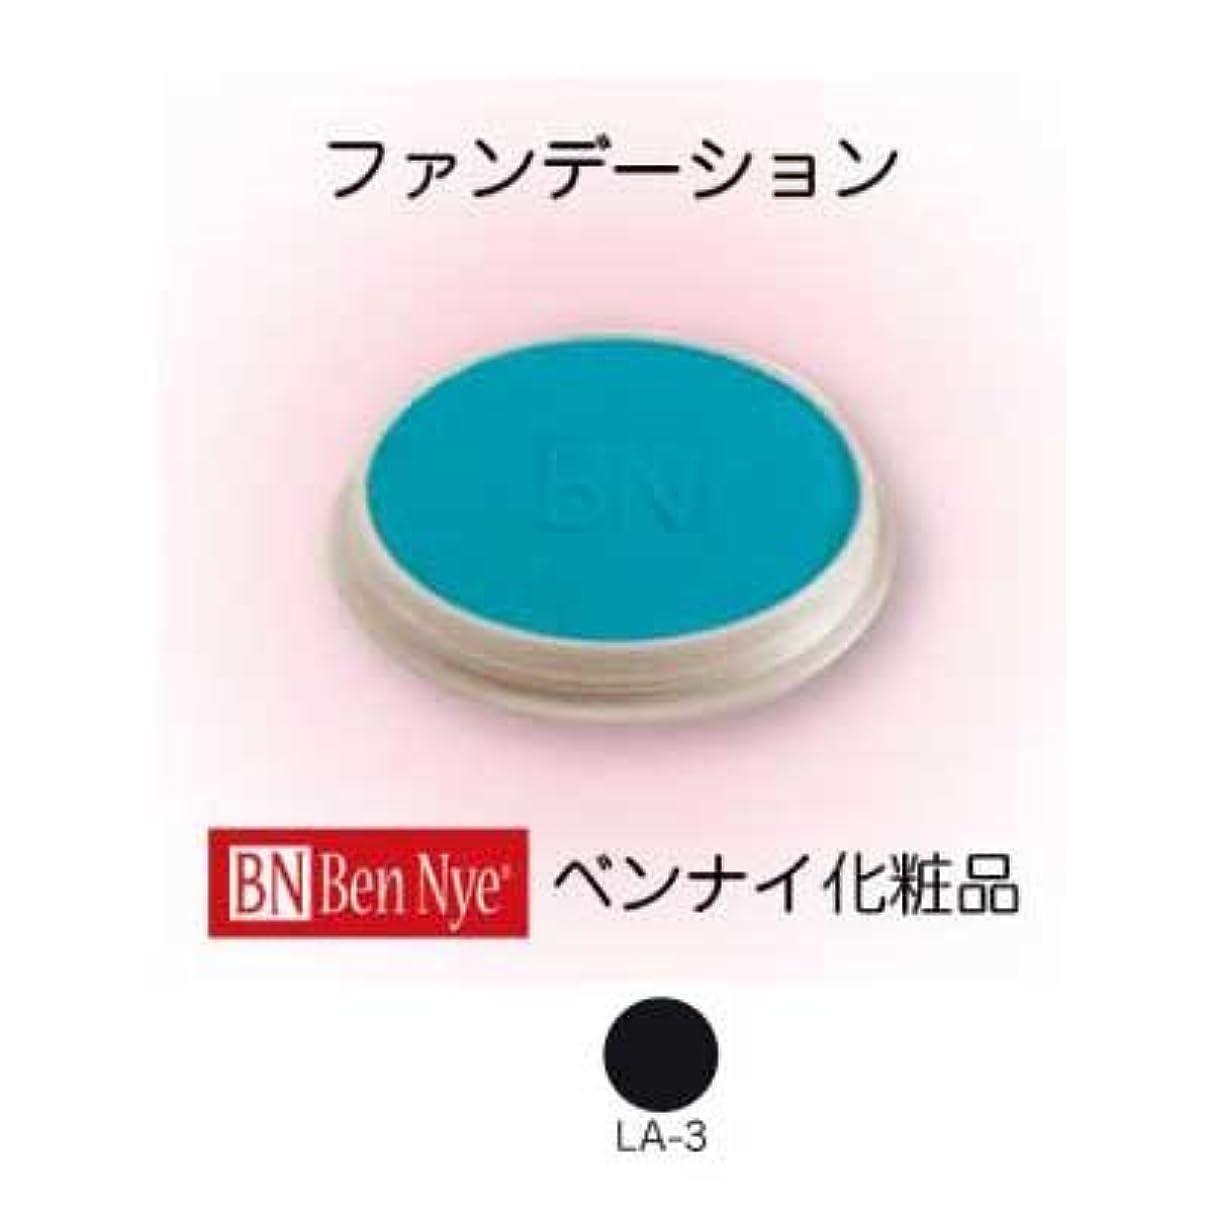 テレックス居心地の良いのスコアマジケーキ LA-3【ベンナイ化粧品】